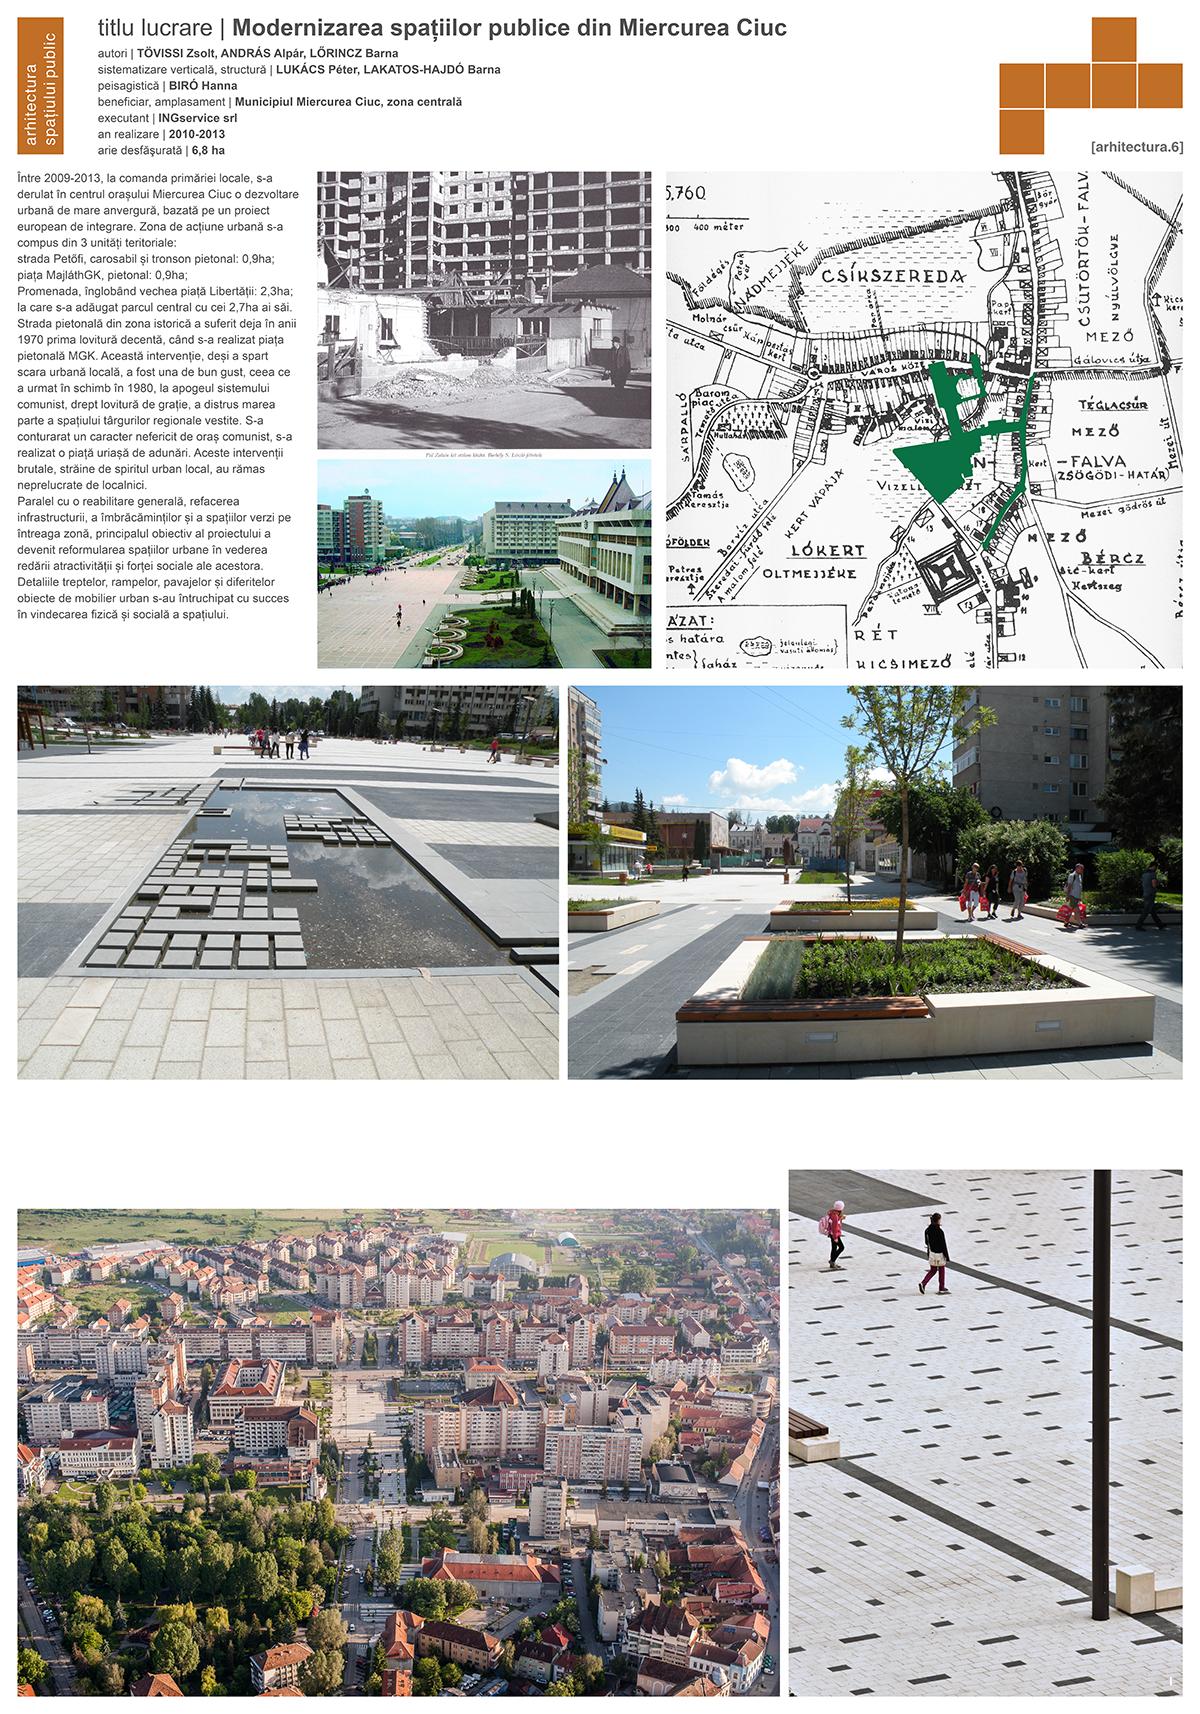 Plant Studio - Modernizarea spatiilor publice urbane din Miercurea Ciuc - a